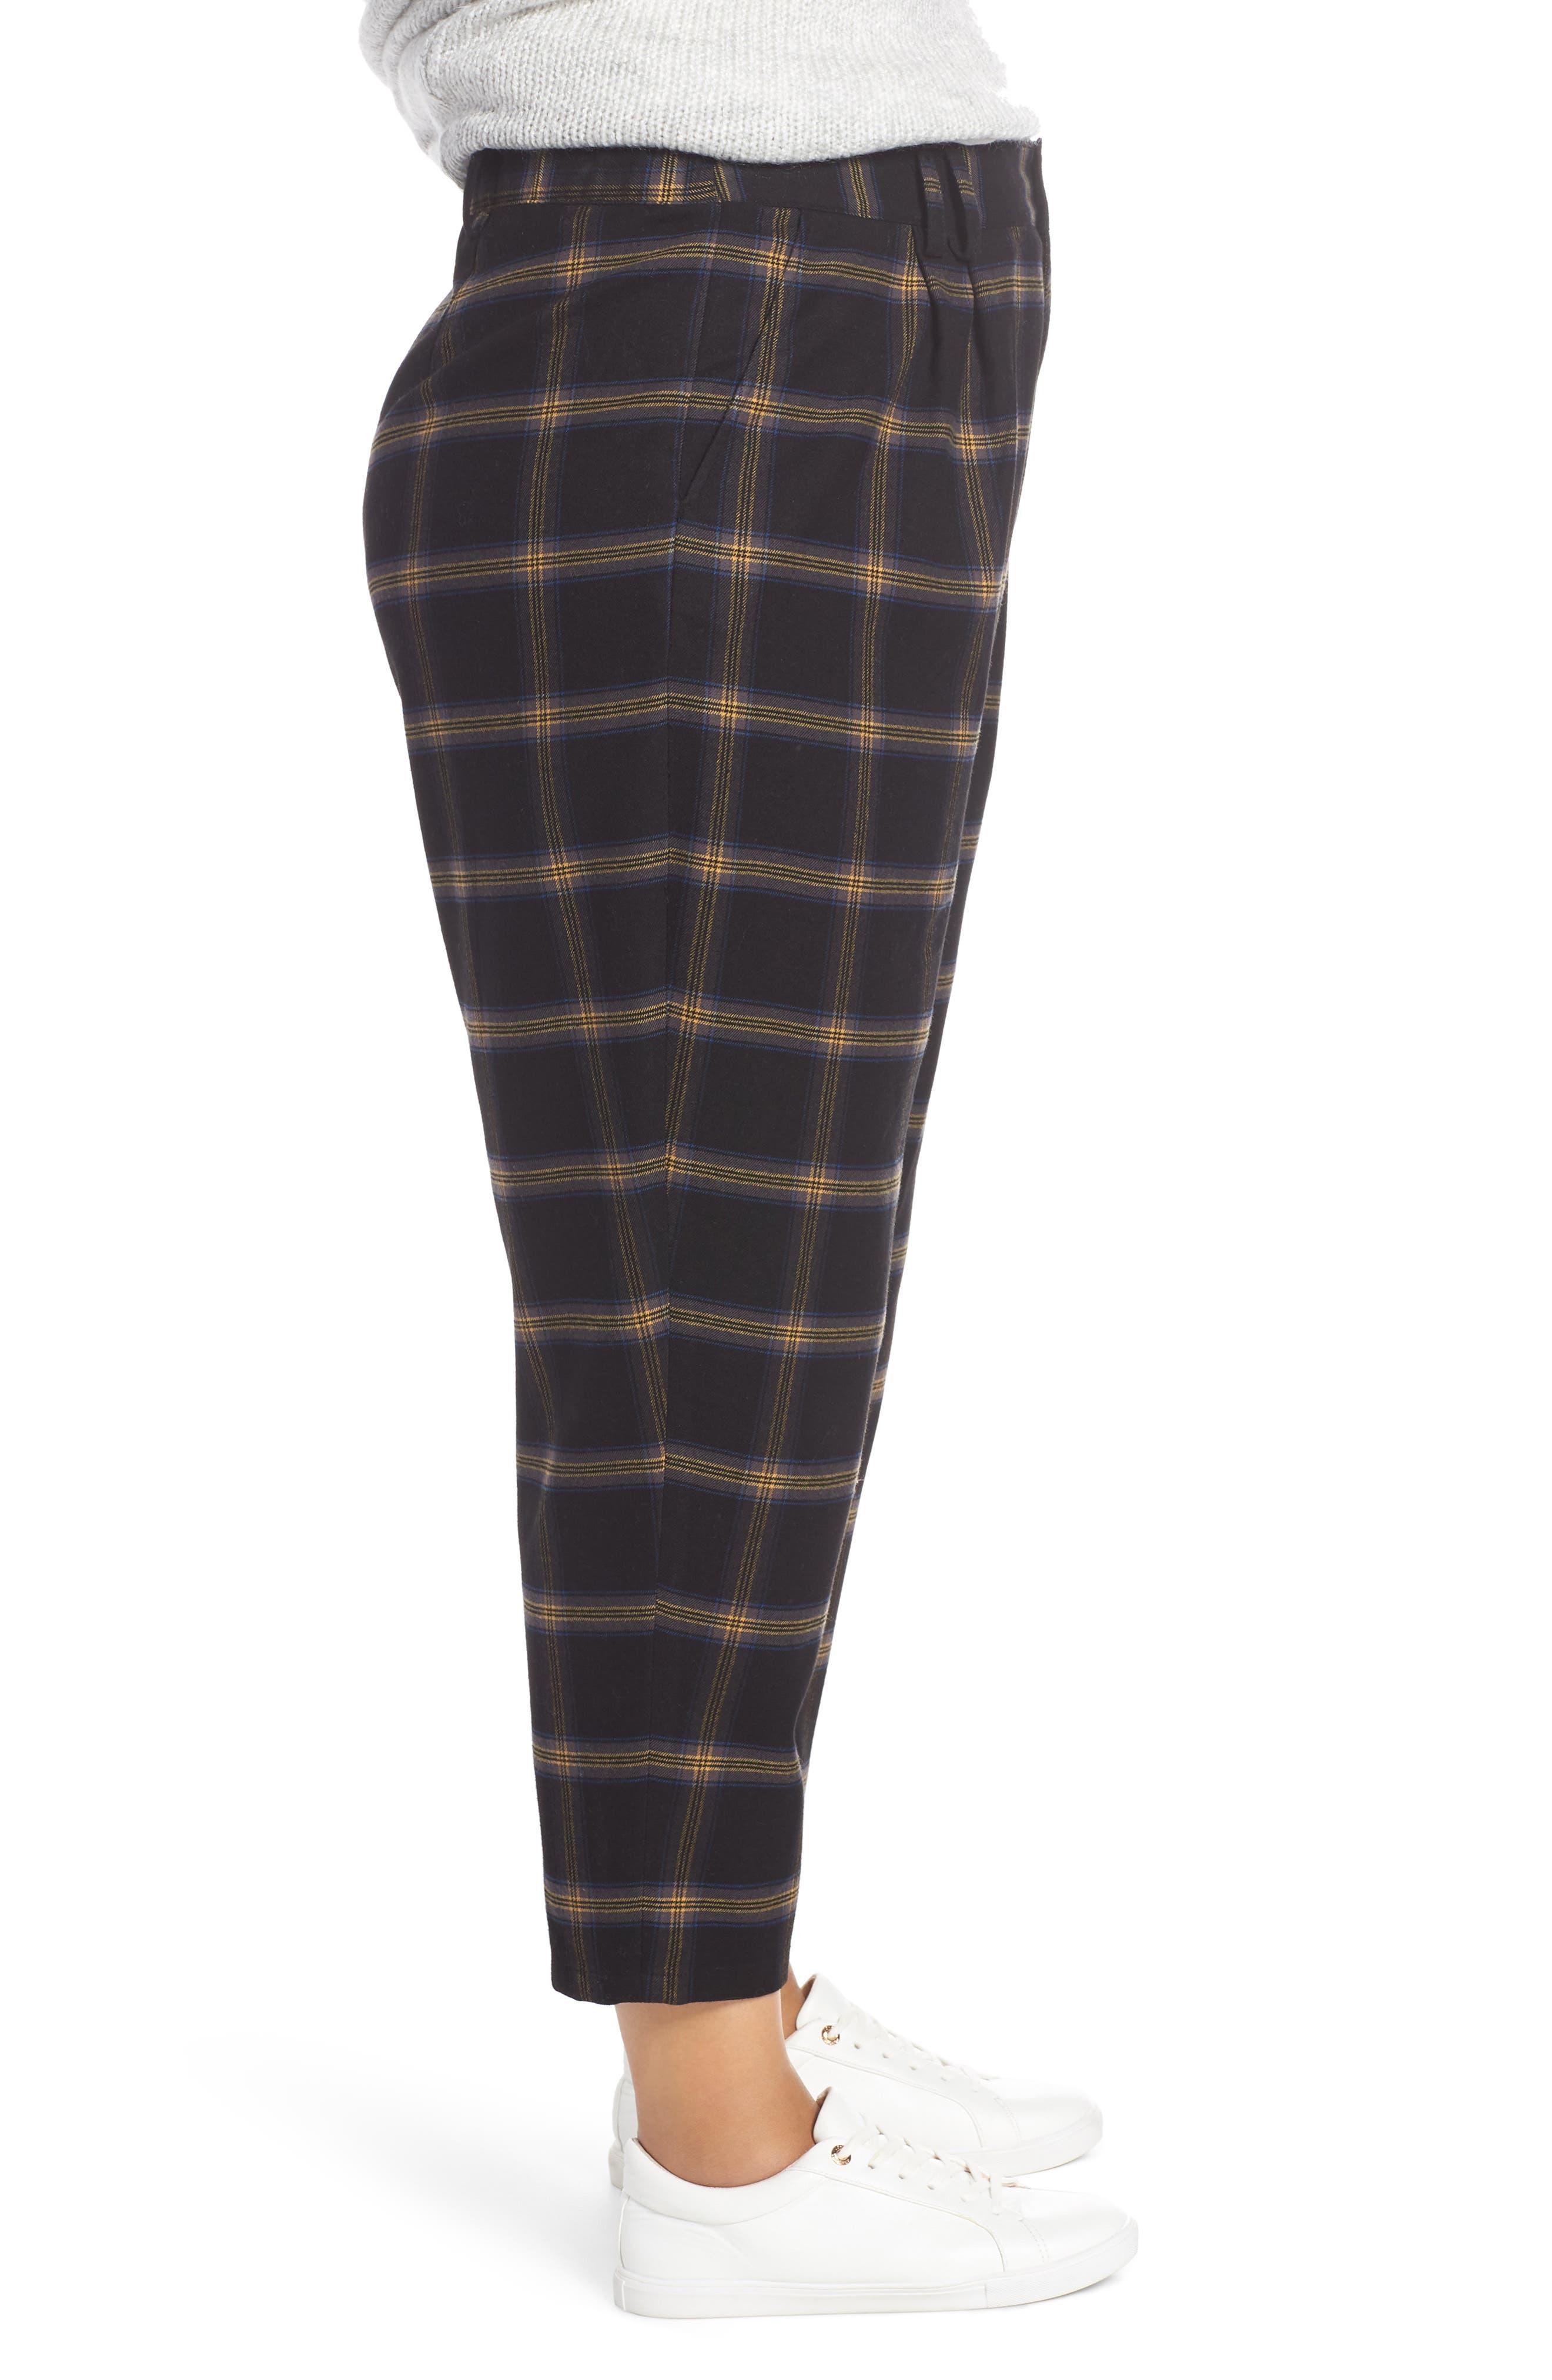 Plaid Menswear Crop Pants,                             Alternate thumbnail 3, color,                             BLACK SHANNON PLAID